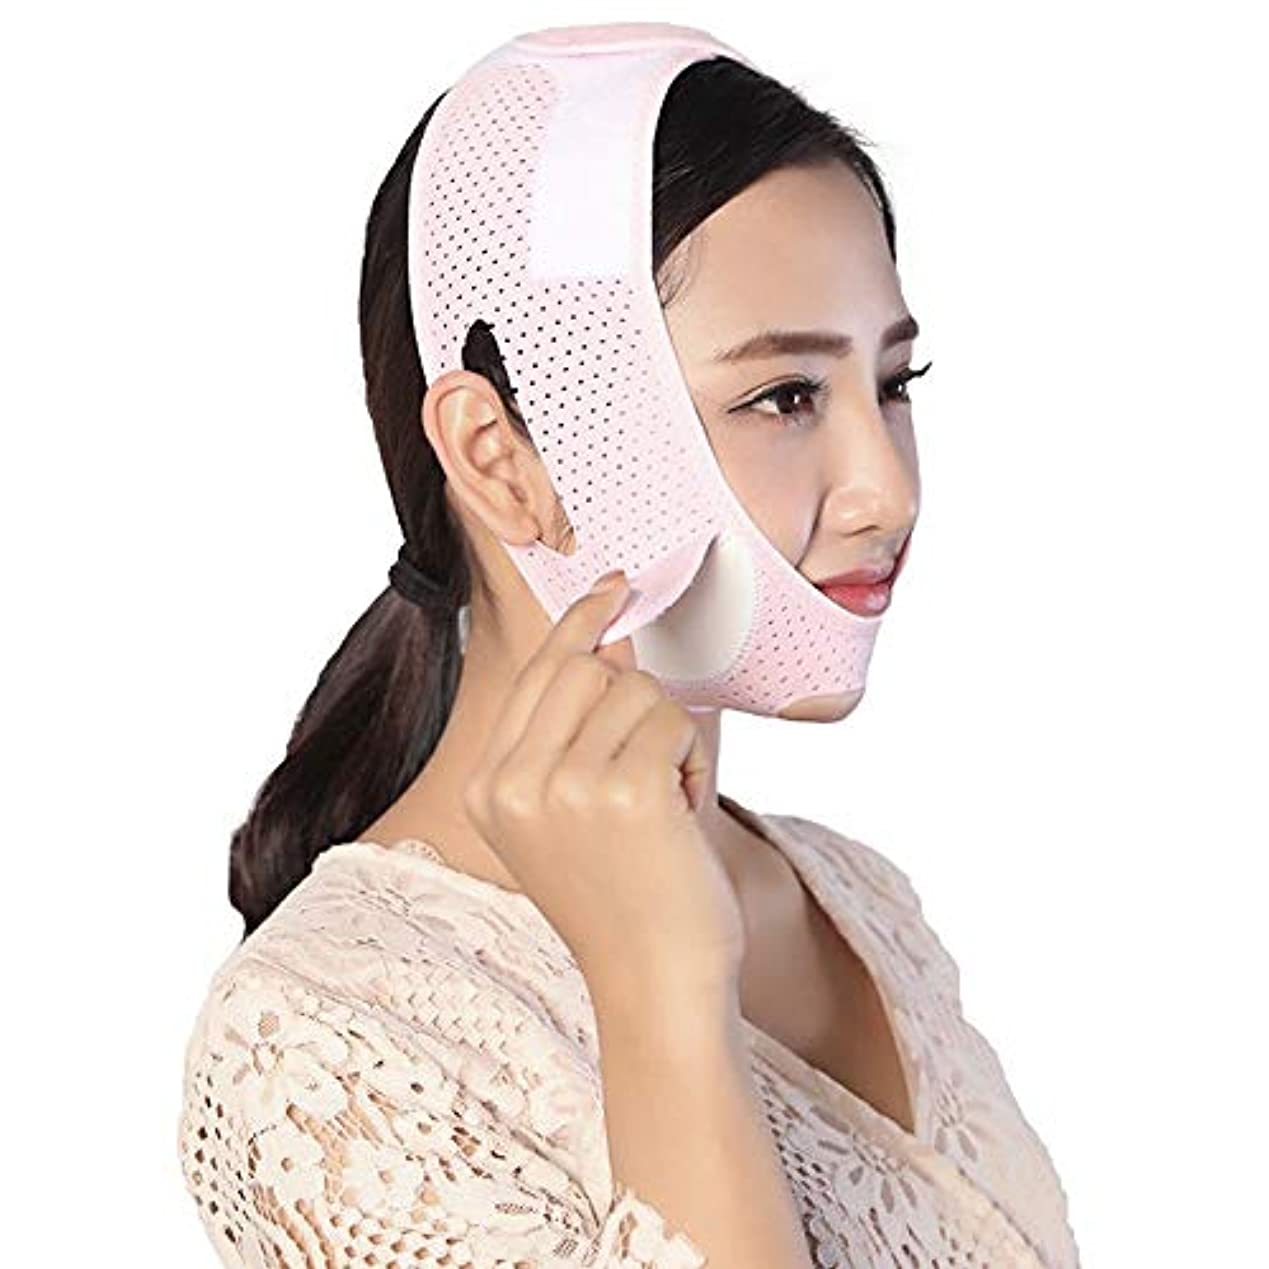 取得バッテリー中にフェイスリフトベルト 薄い顔のバンド - 薄い顔の包帯は、ダブルの顎の法令Vをマスクするために持ち上げて睡眠マスクの通気